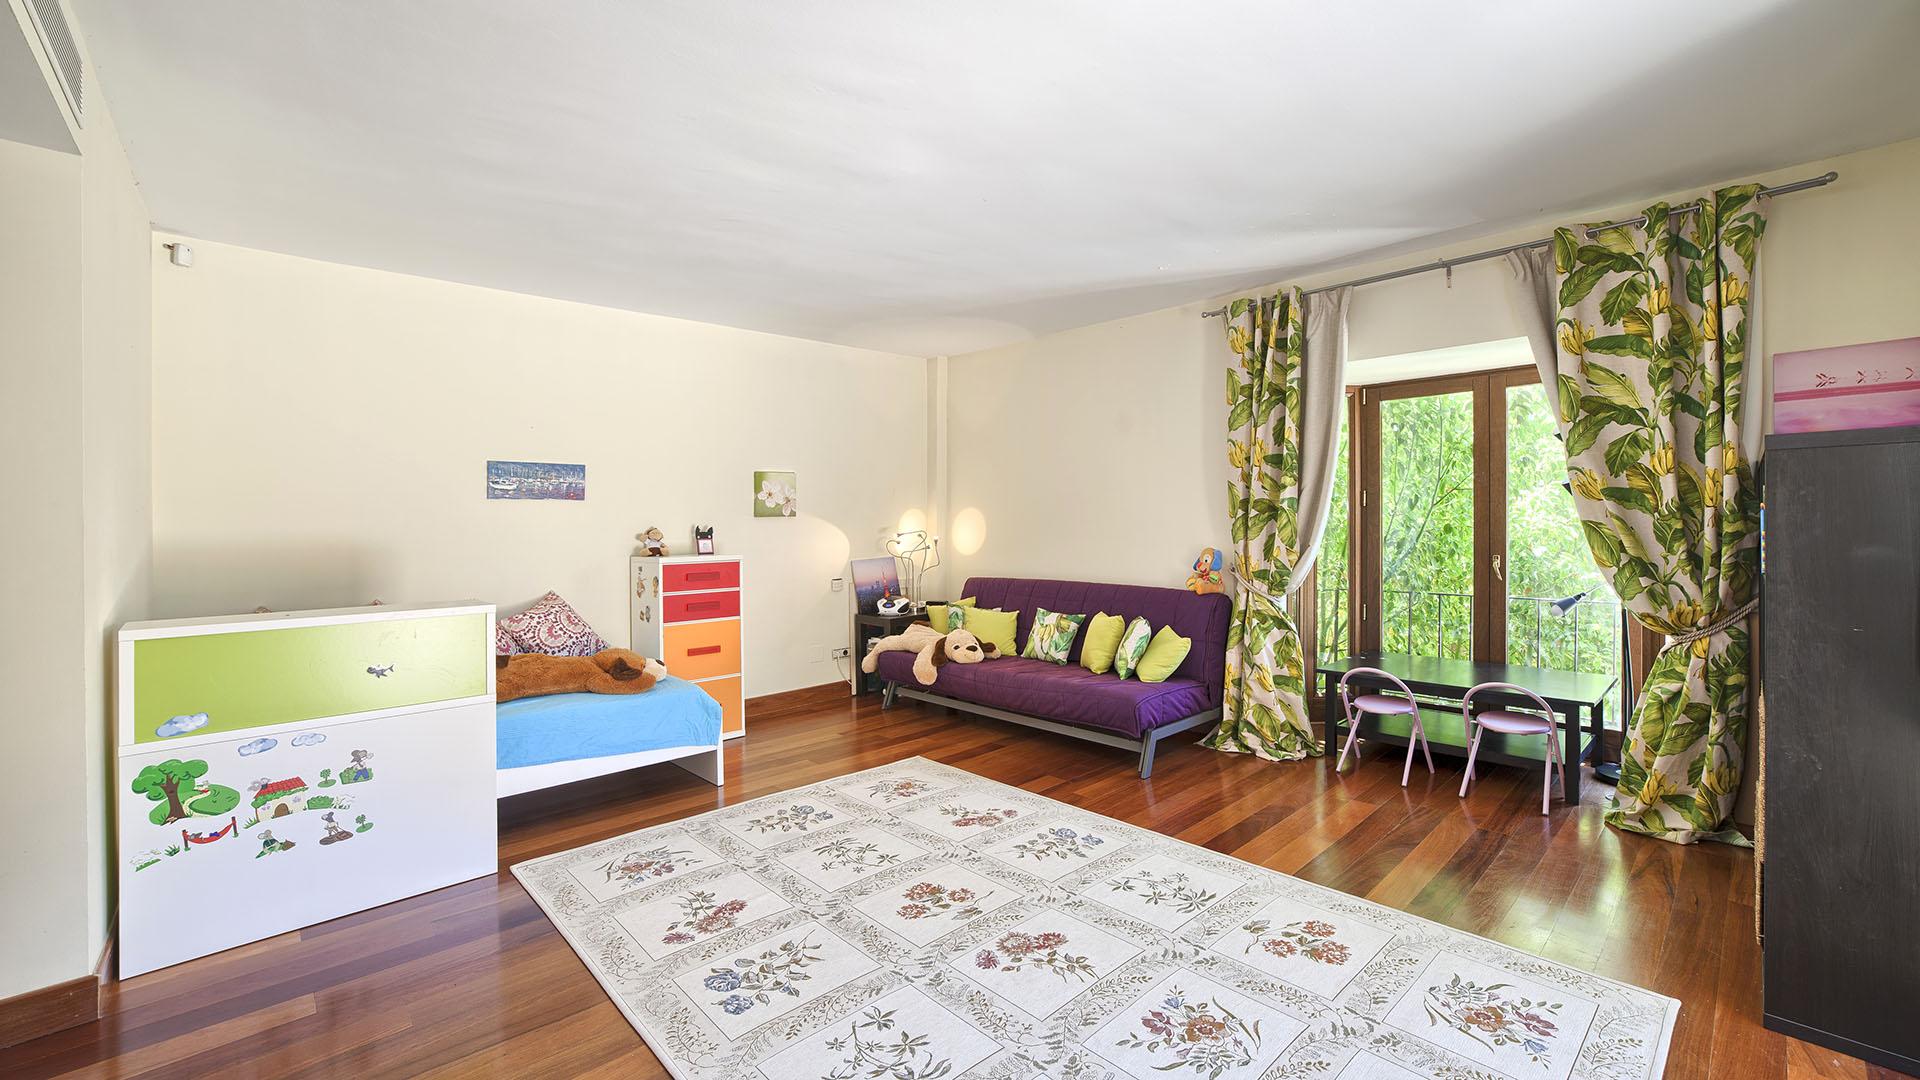 Villa Shanti: Villa in Marbella op de Golden Mile dichtbij Puente Romano